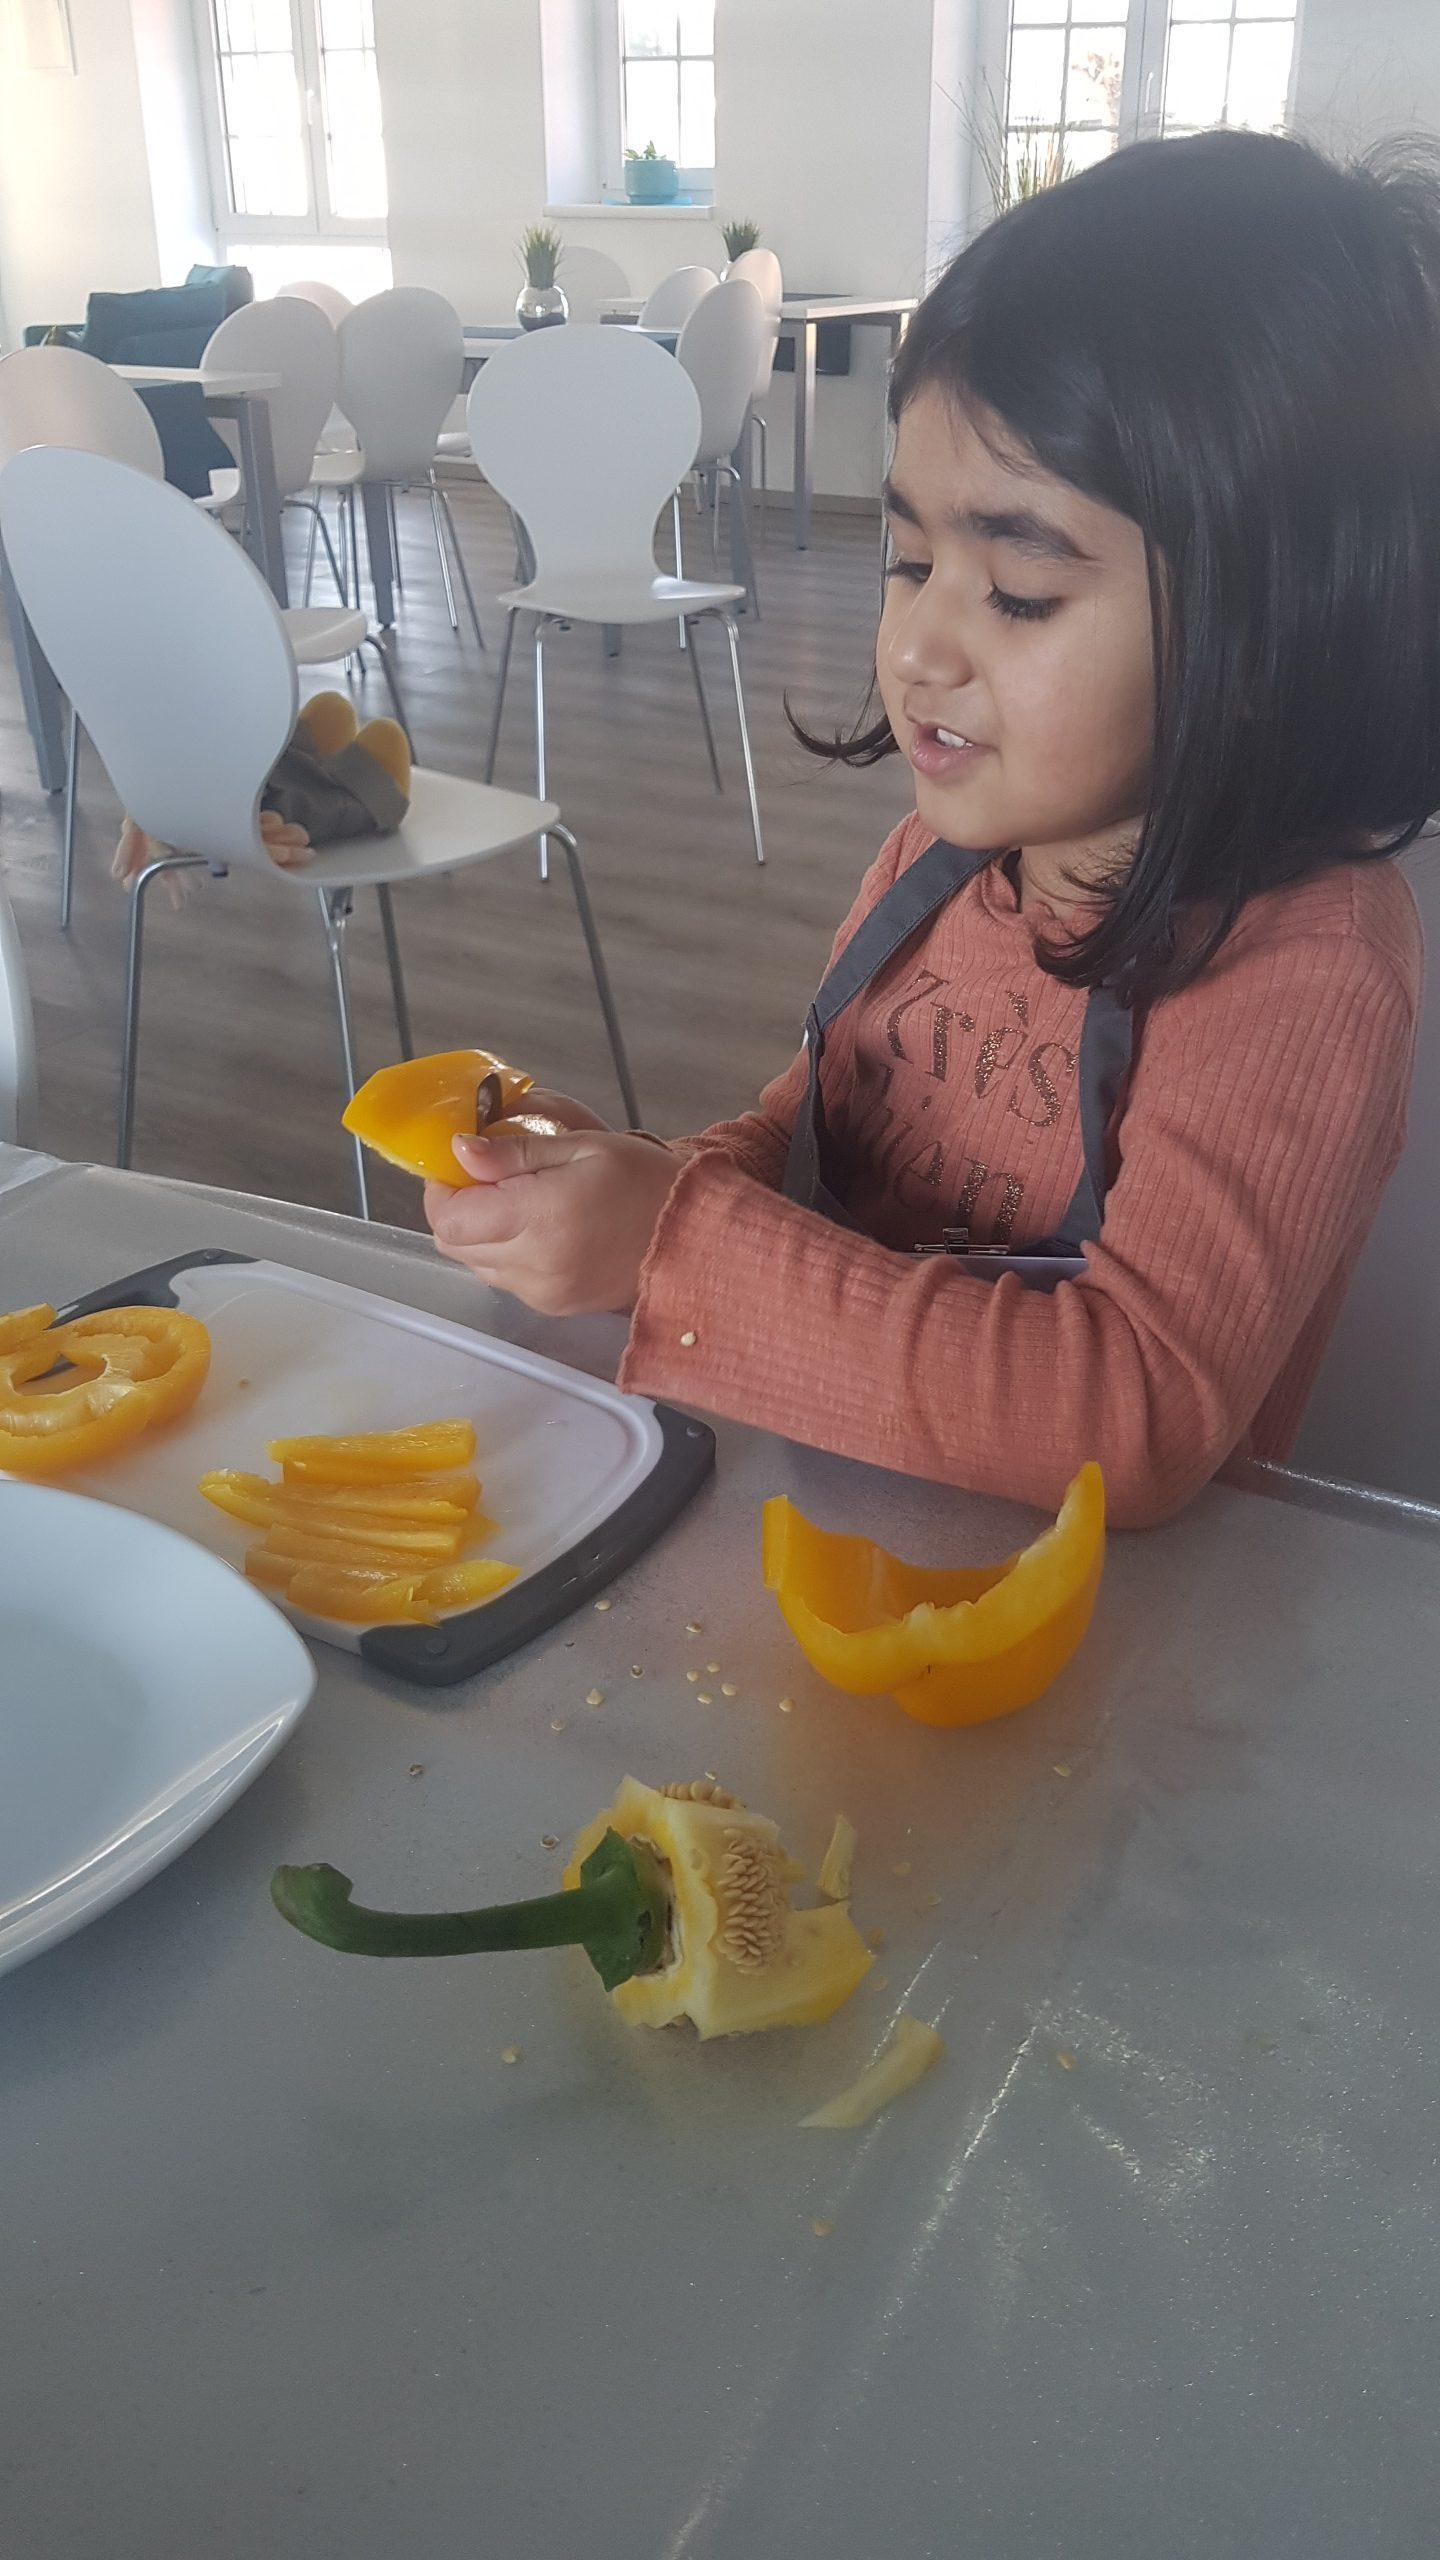 Spaß beim Paprika schnippeln